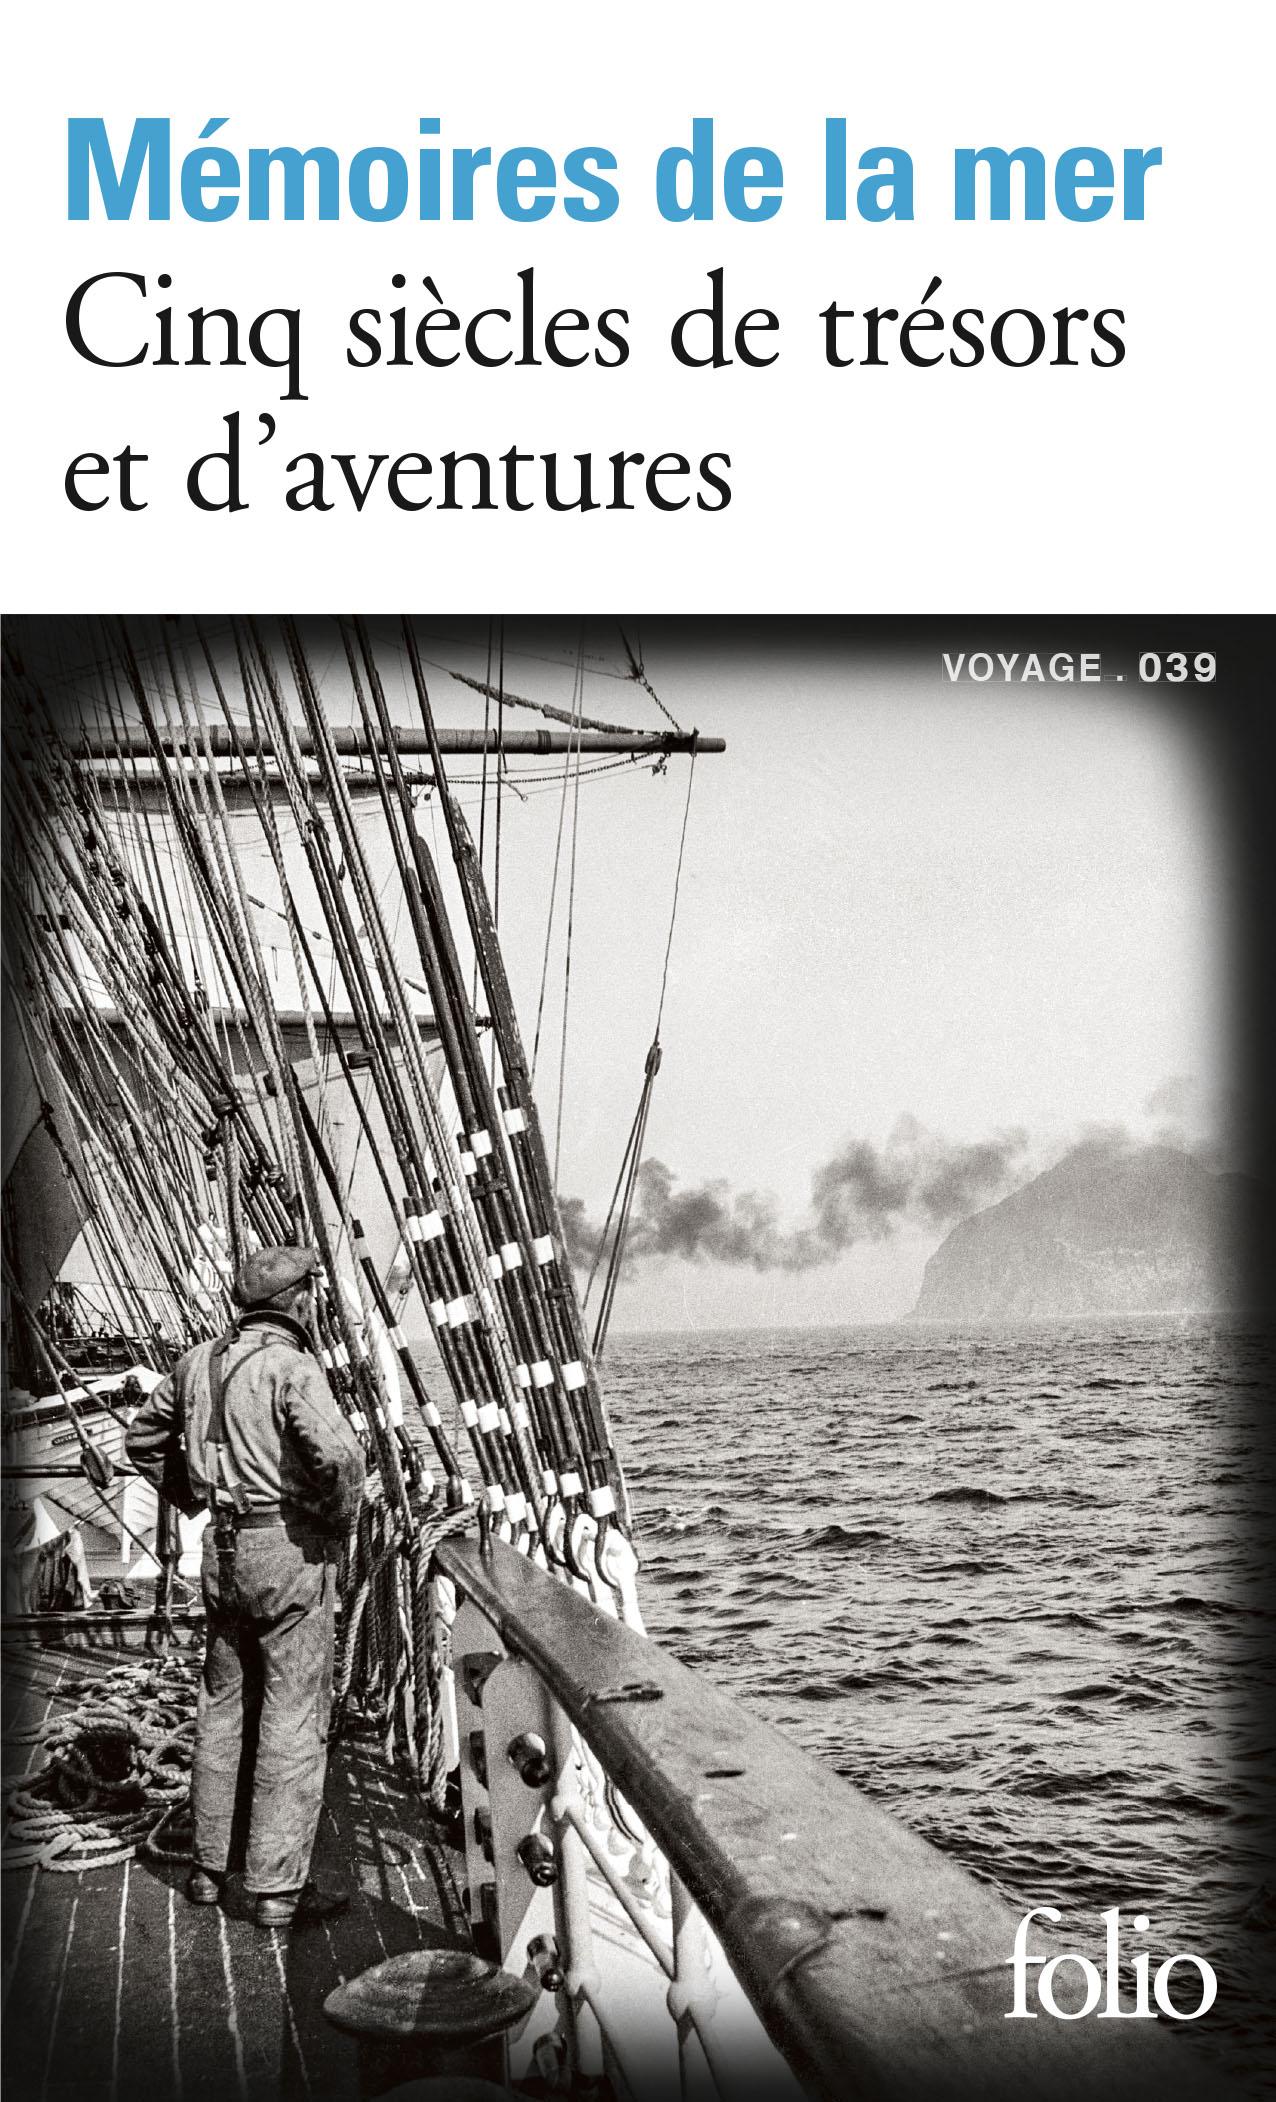 Collectif, Mémoires de la mer. Cinq siècles de trésors et d'aventures